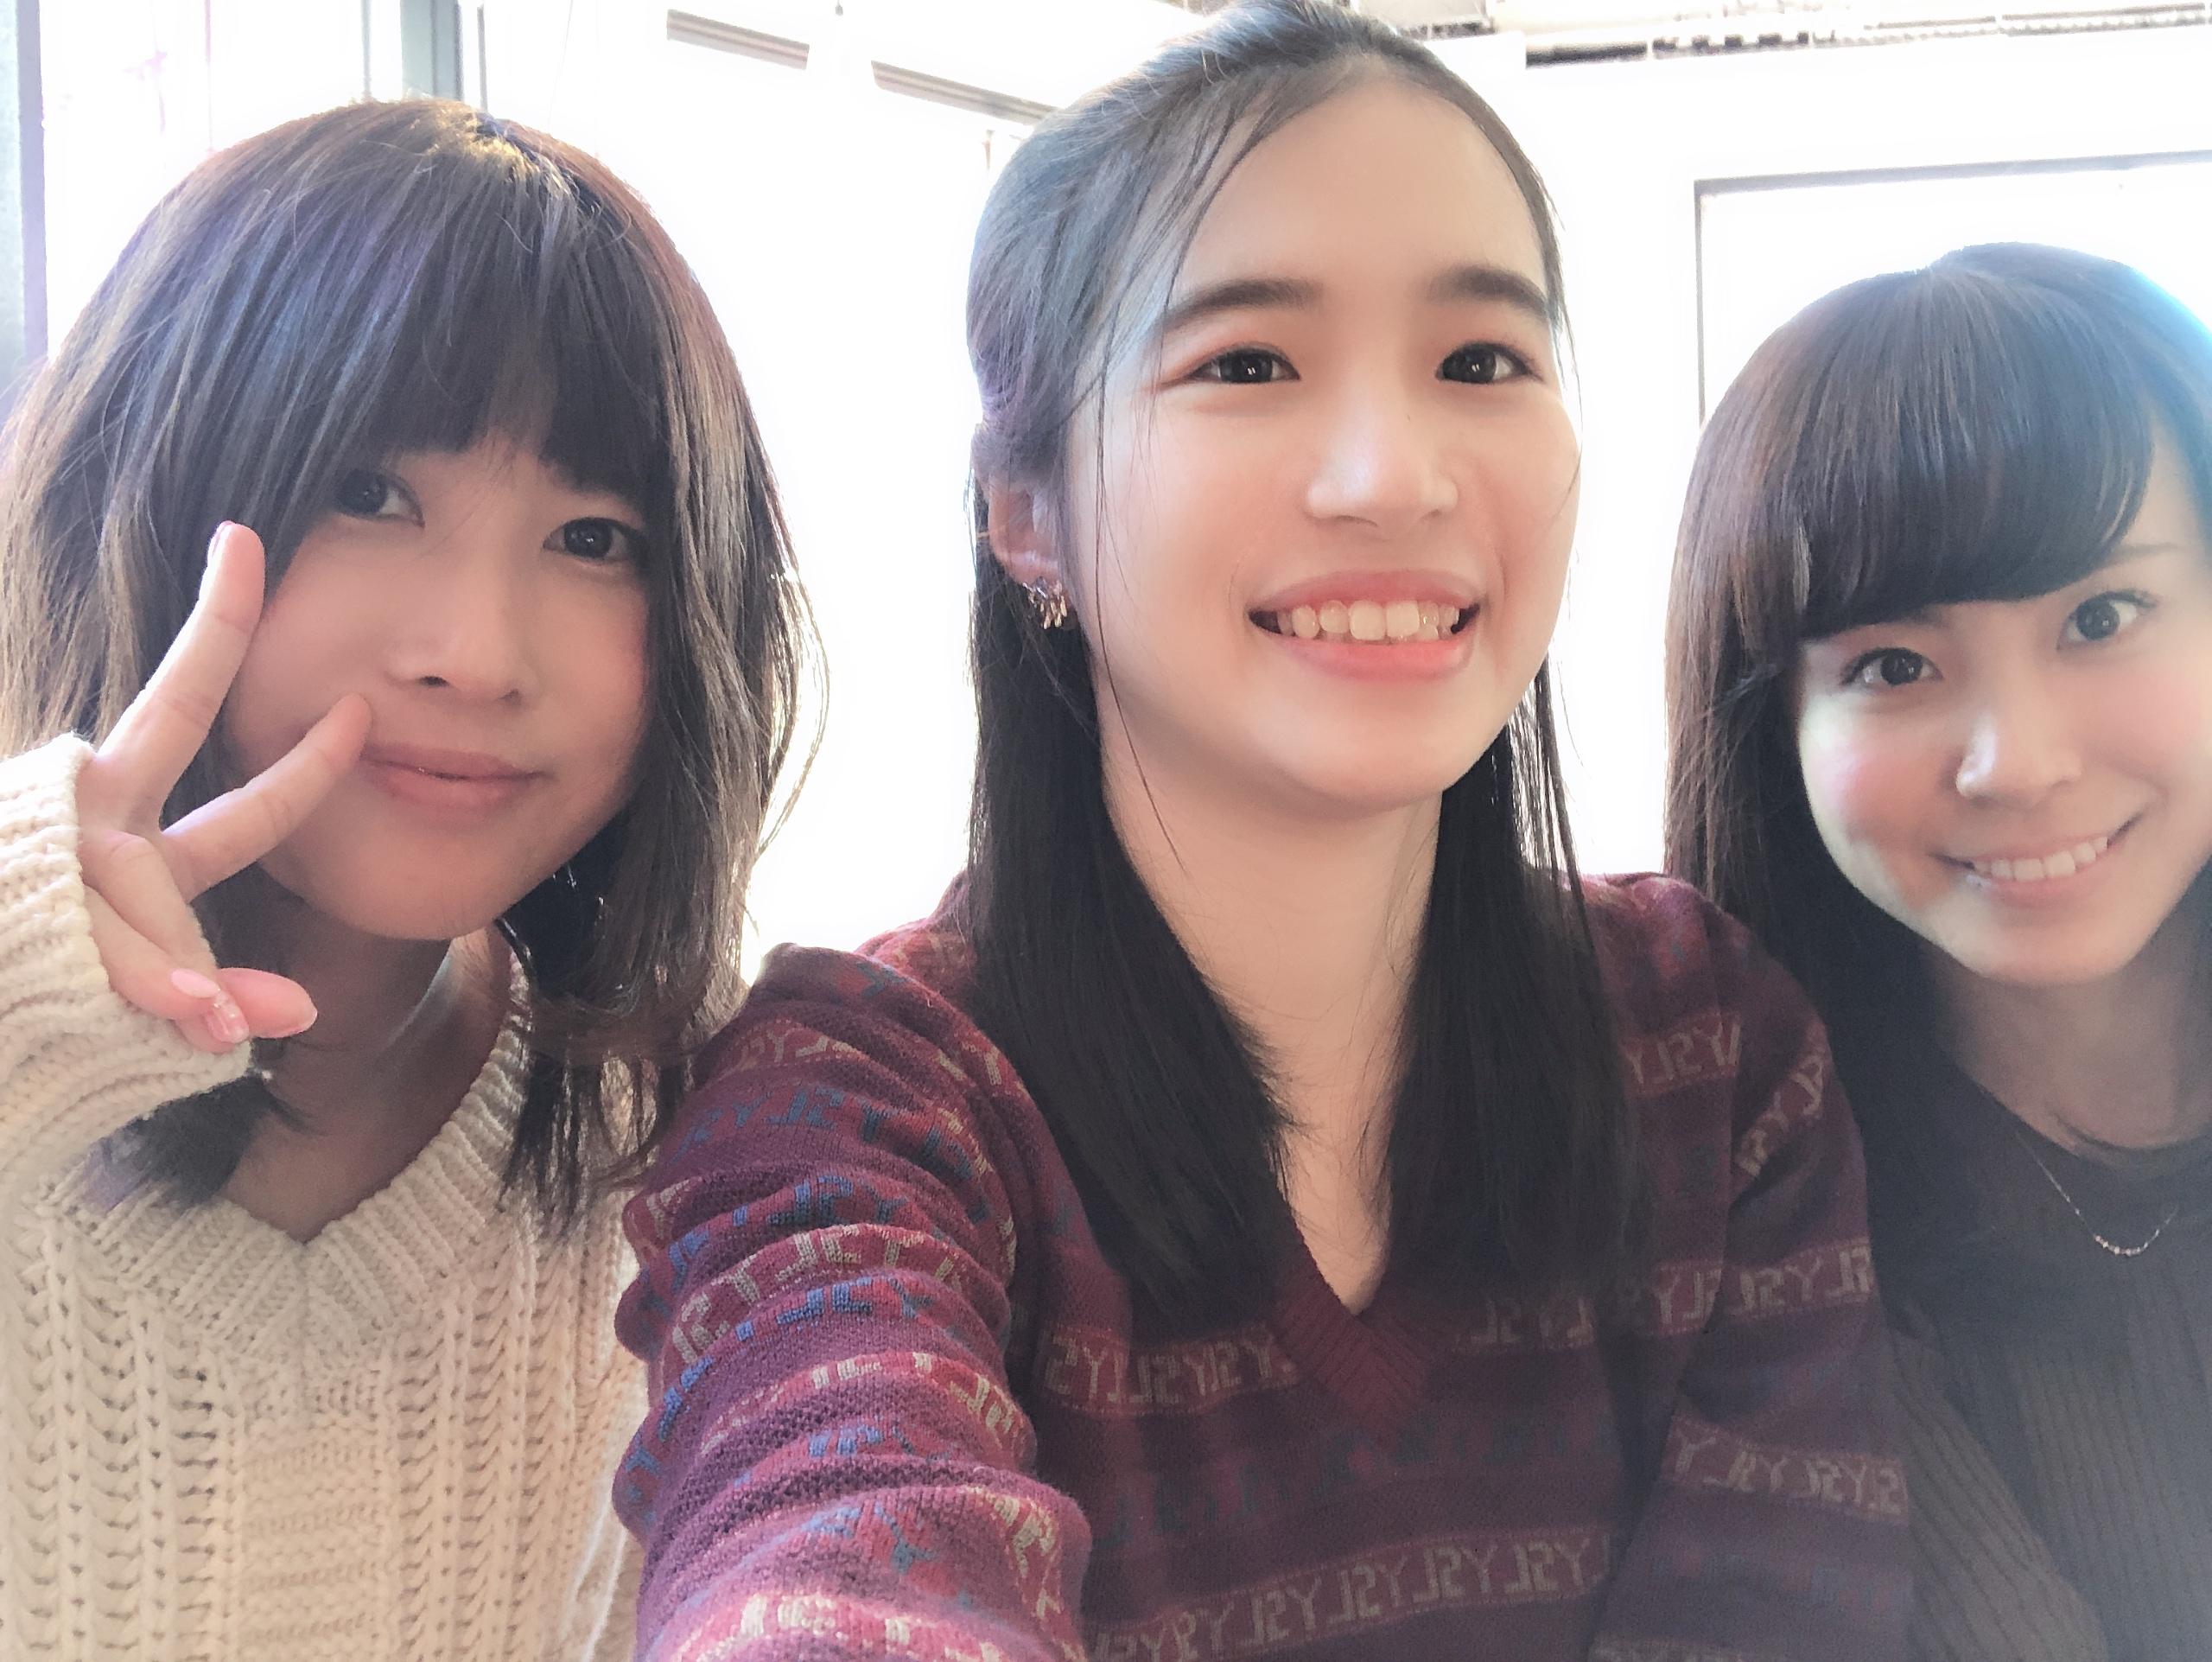 【モアハピ関西メンバー】とカフェ巡り♡白いカフェ≪fouet≫と個性的なオシャレ空間≪イマスカフェ≫に行ってきました!_1